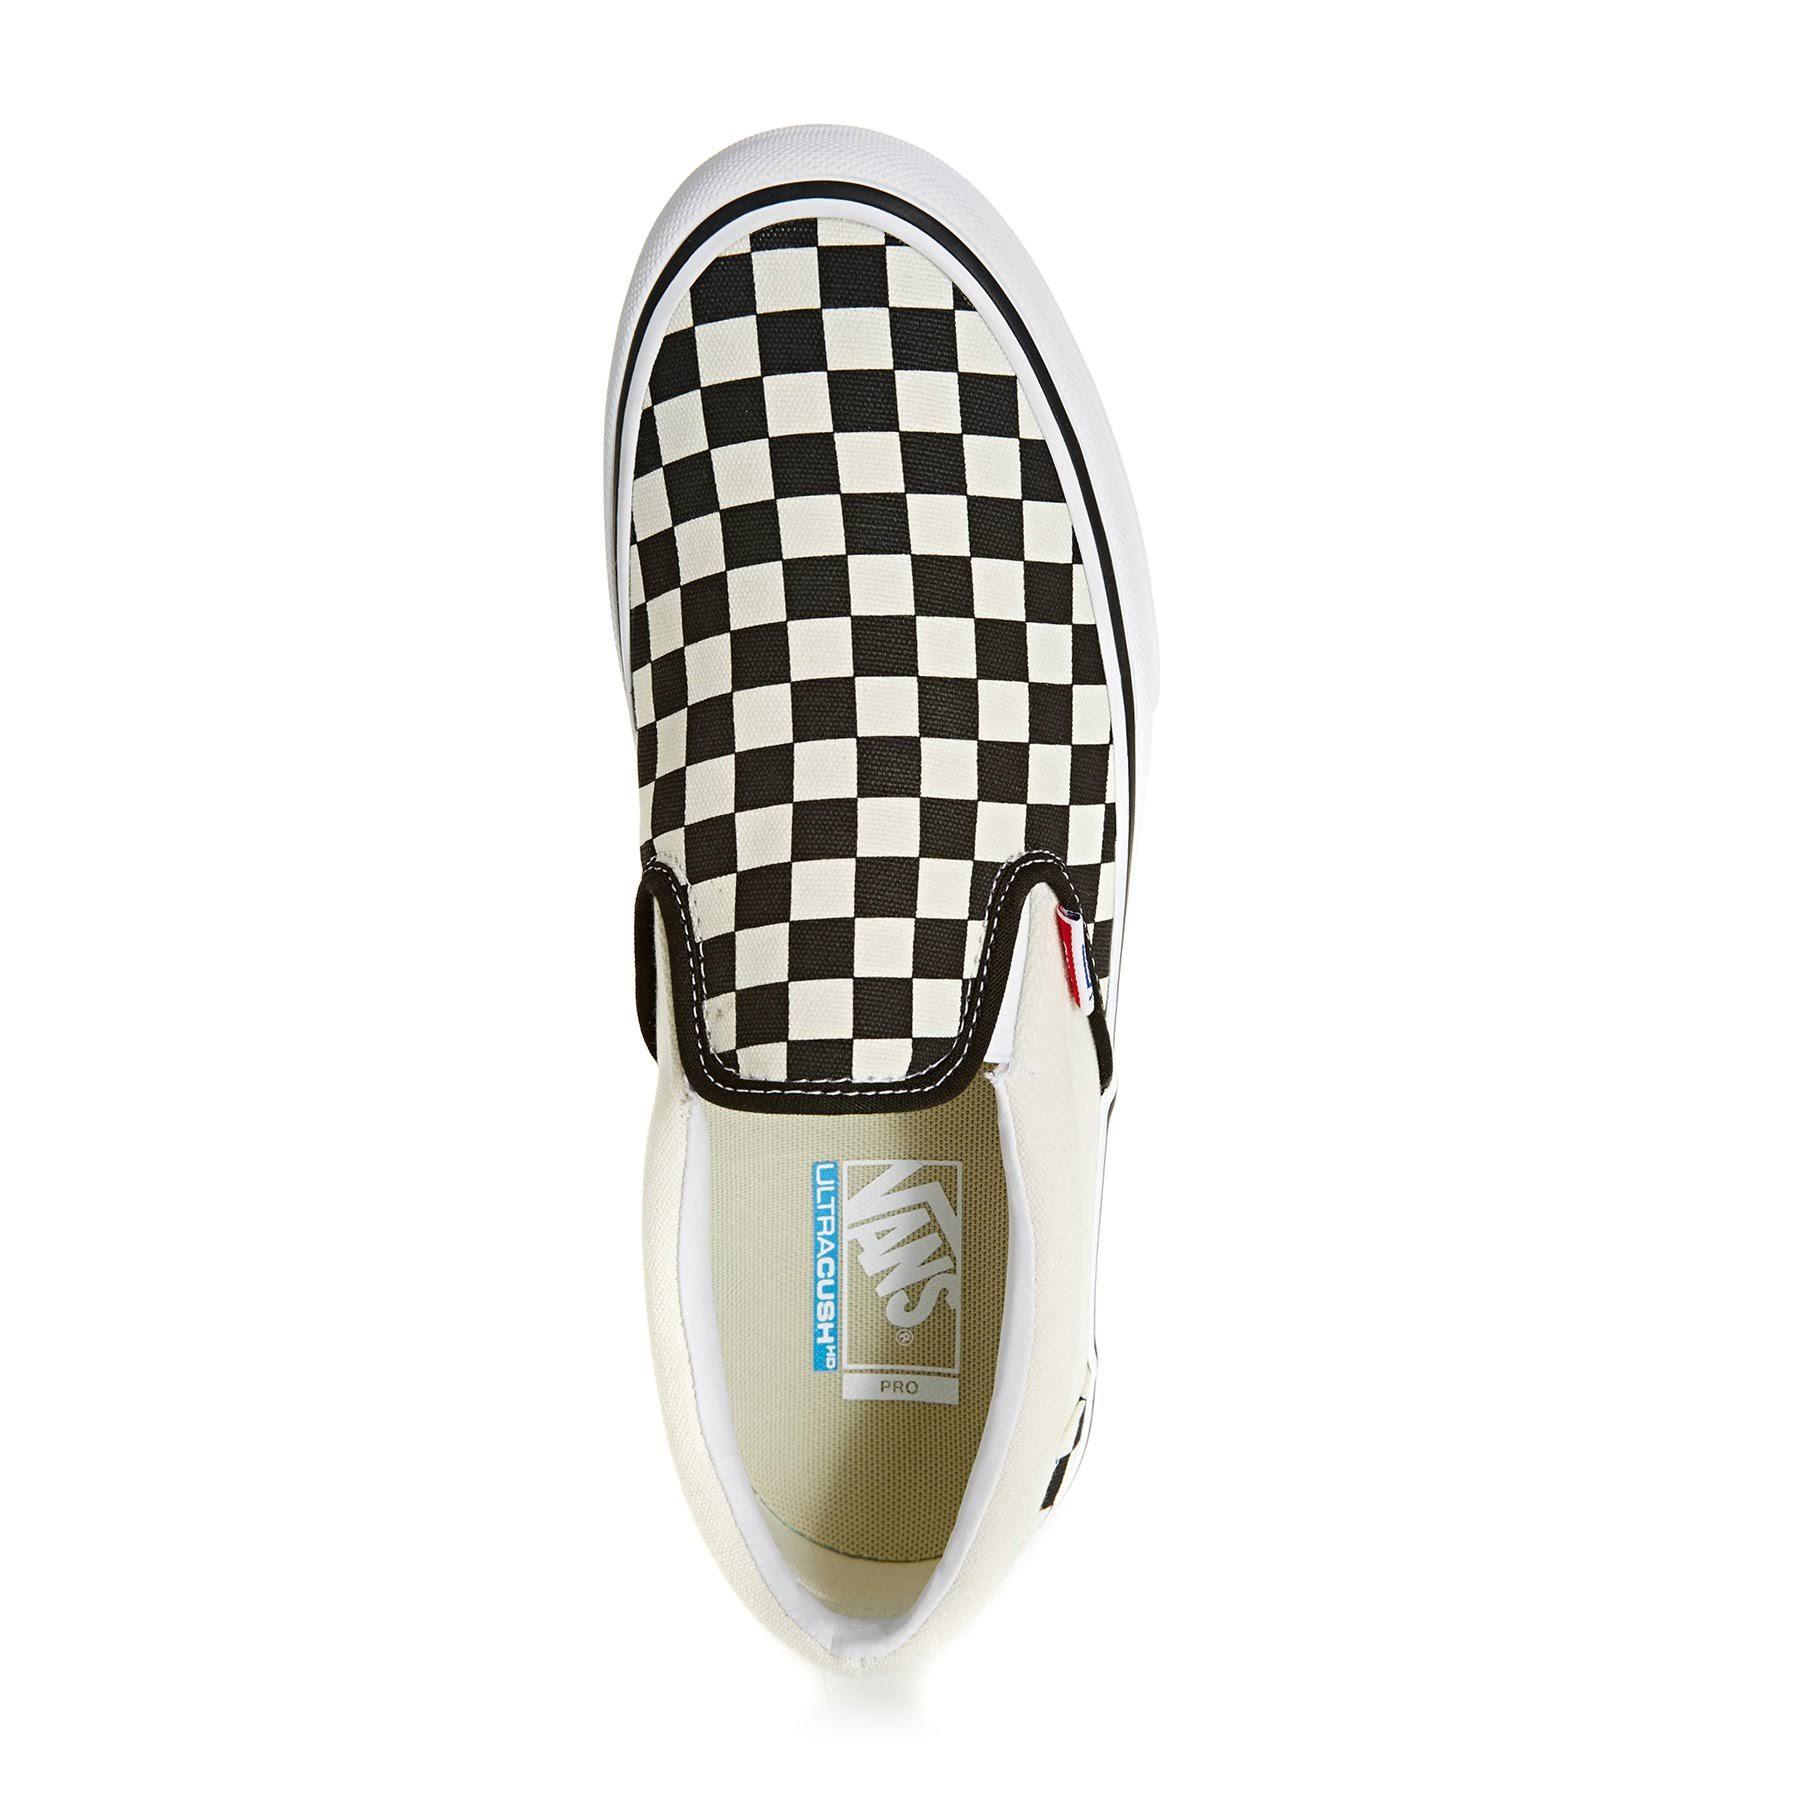 Vn0a347vapk bk Apk Slip Checkered Chk On wt Pro Vans FqT6v